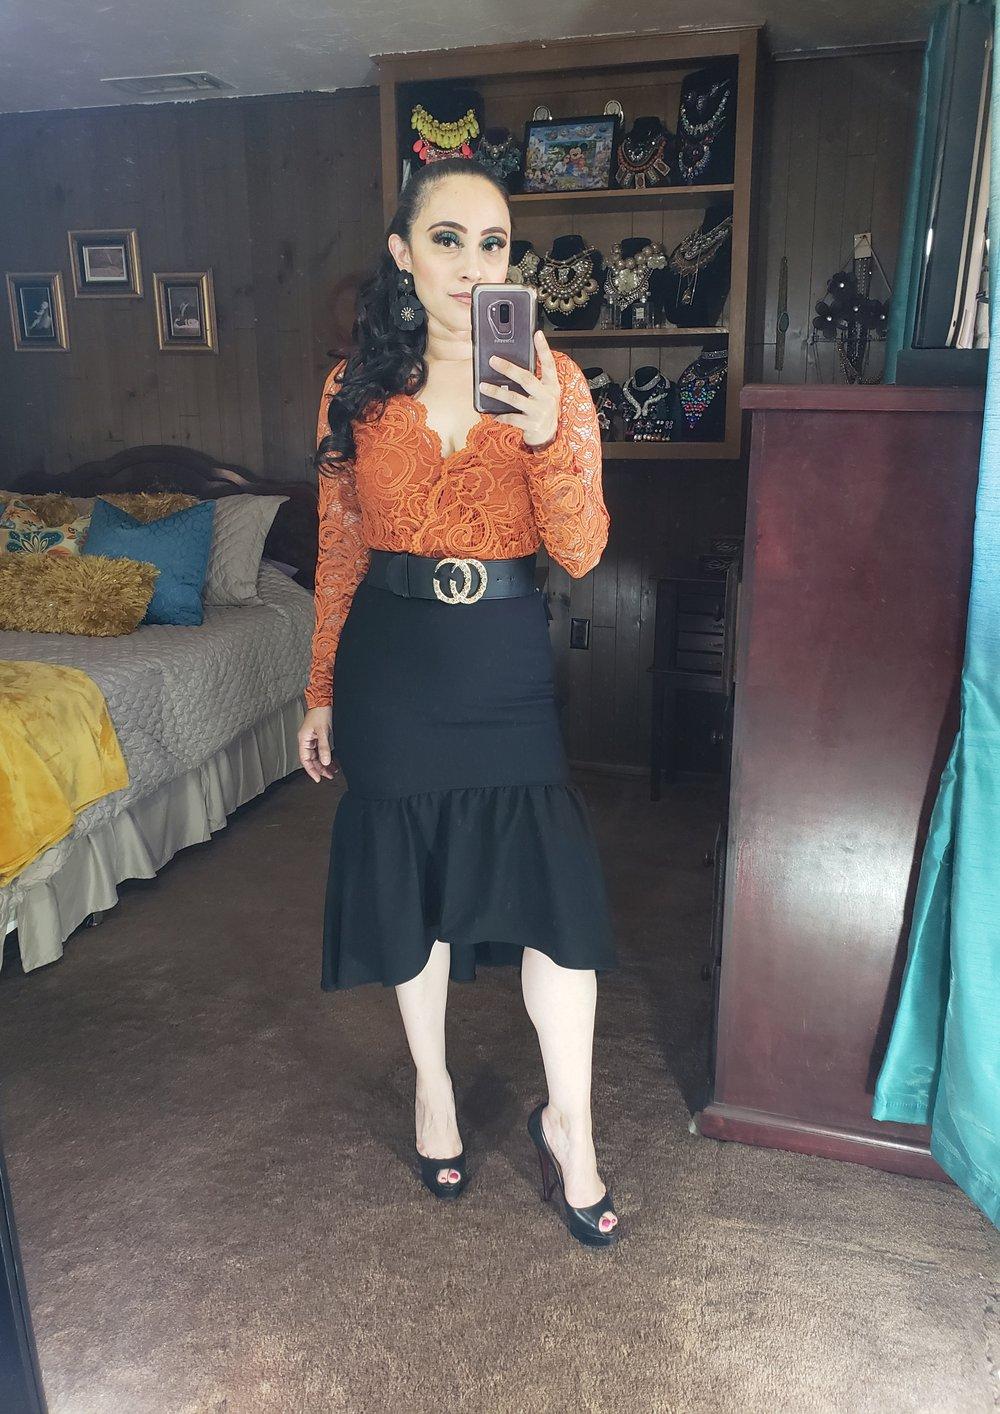 Image of Francine Mermaid Skirt